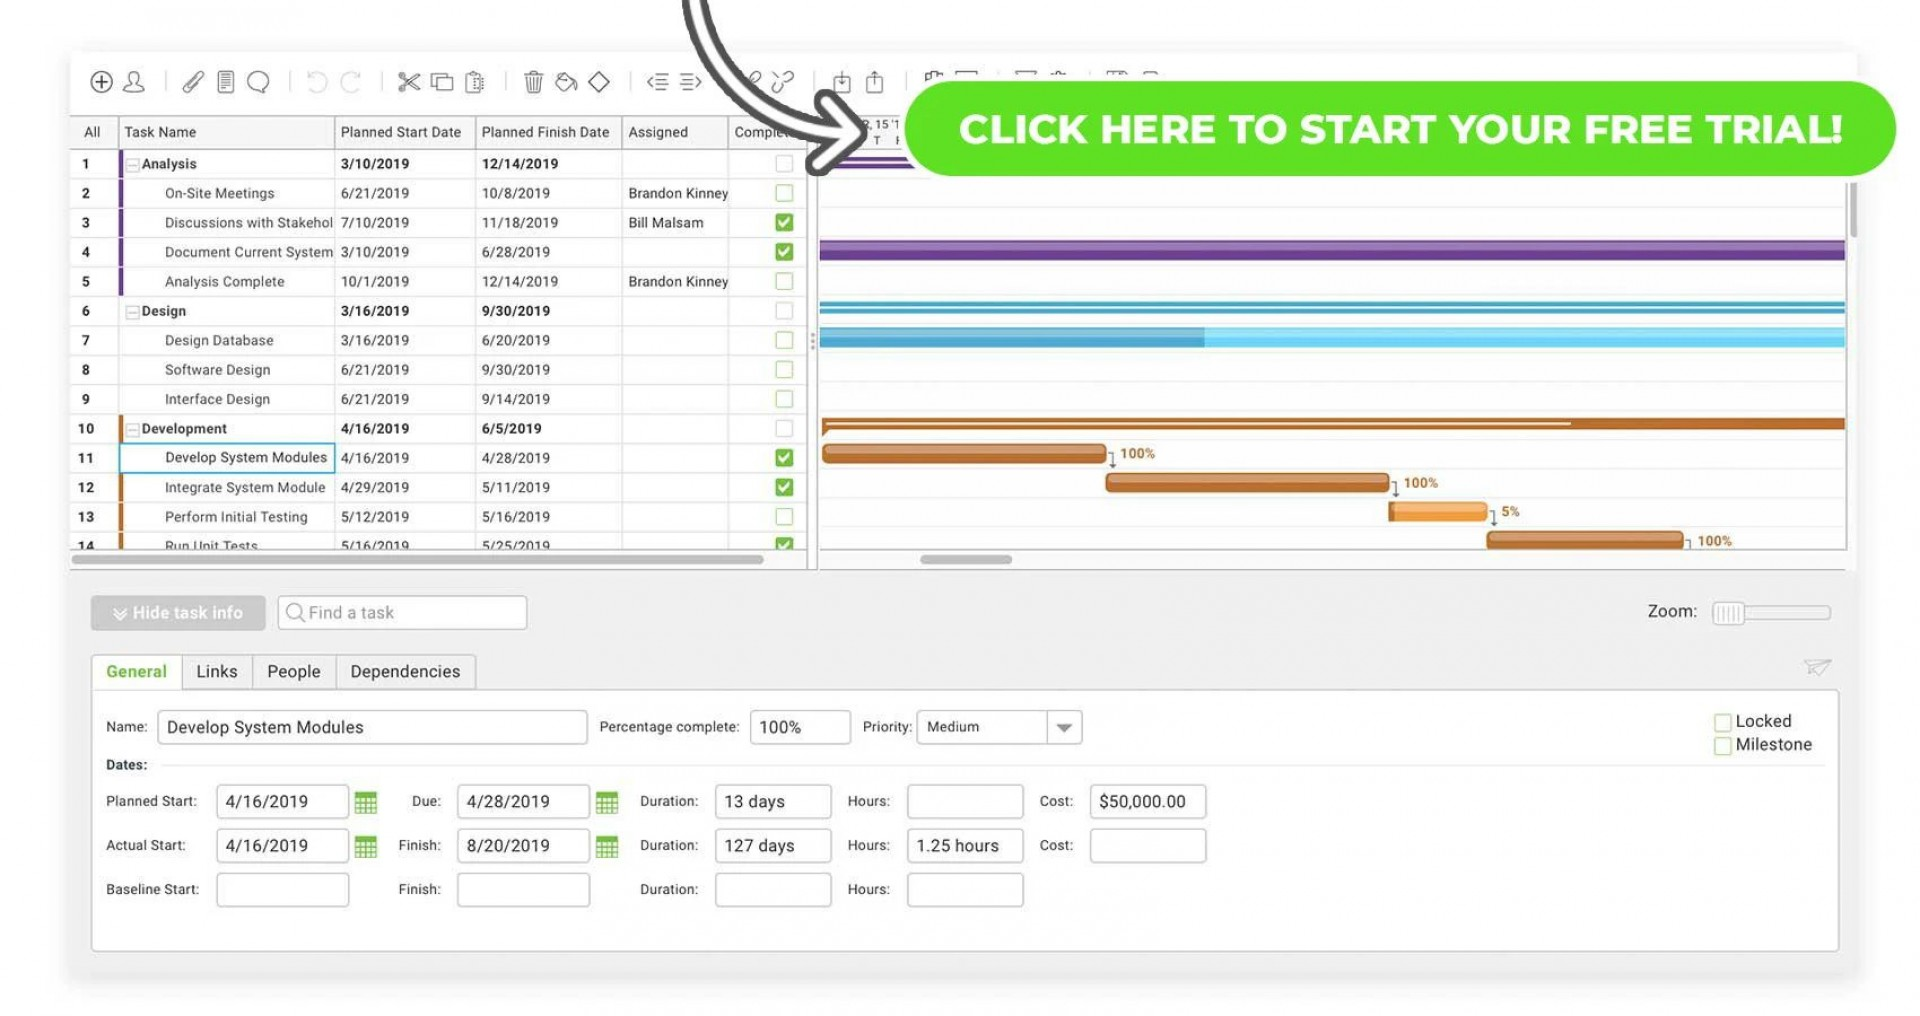 002 Rare Project Tracker Excel Template Design  Sample Milestone Free1920